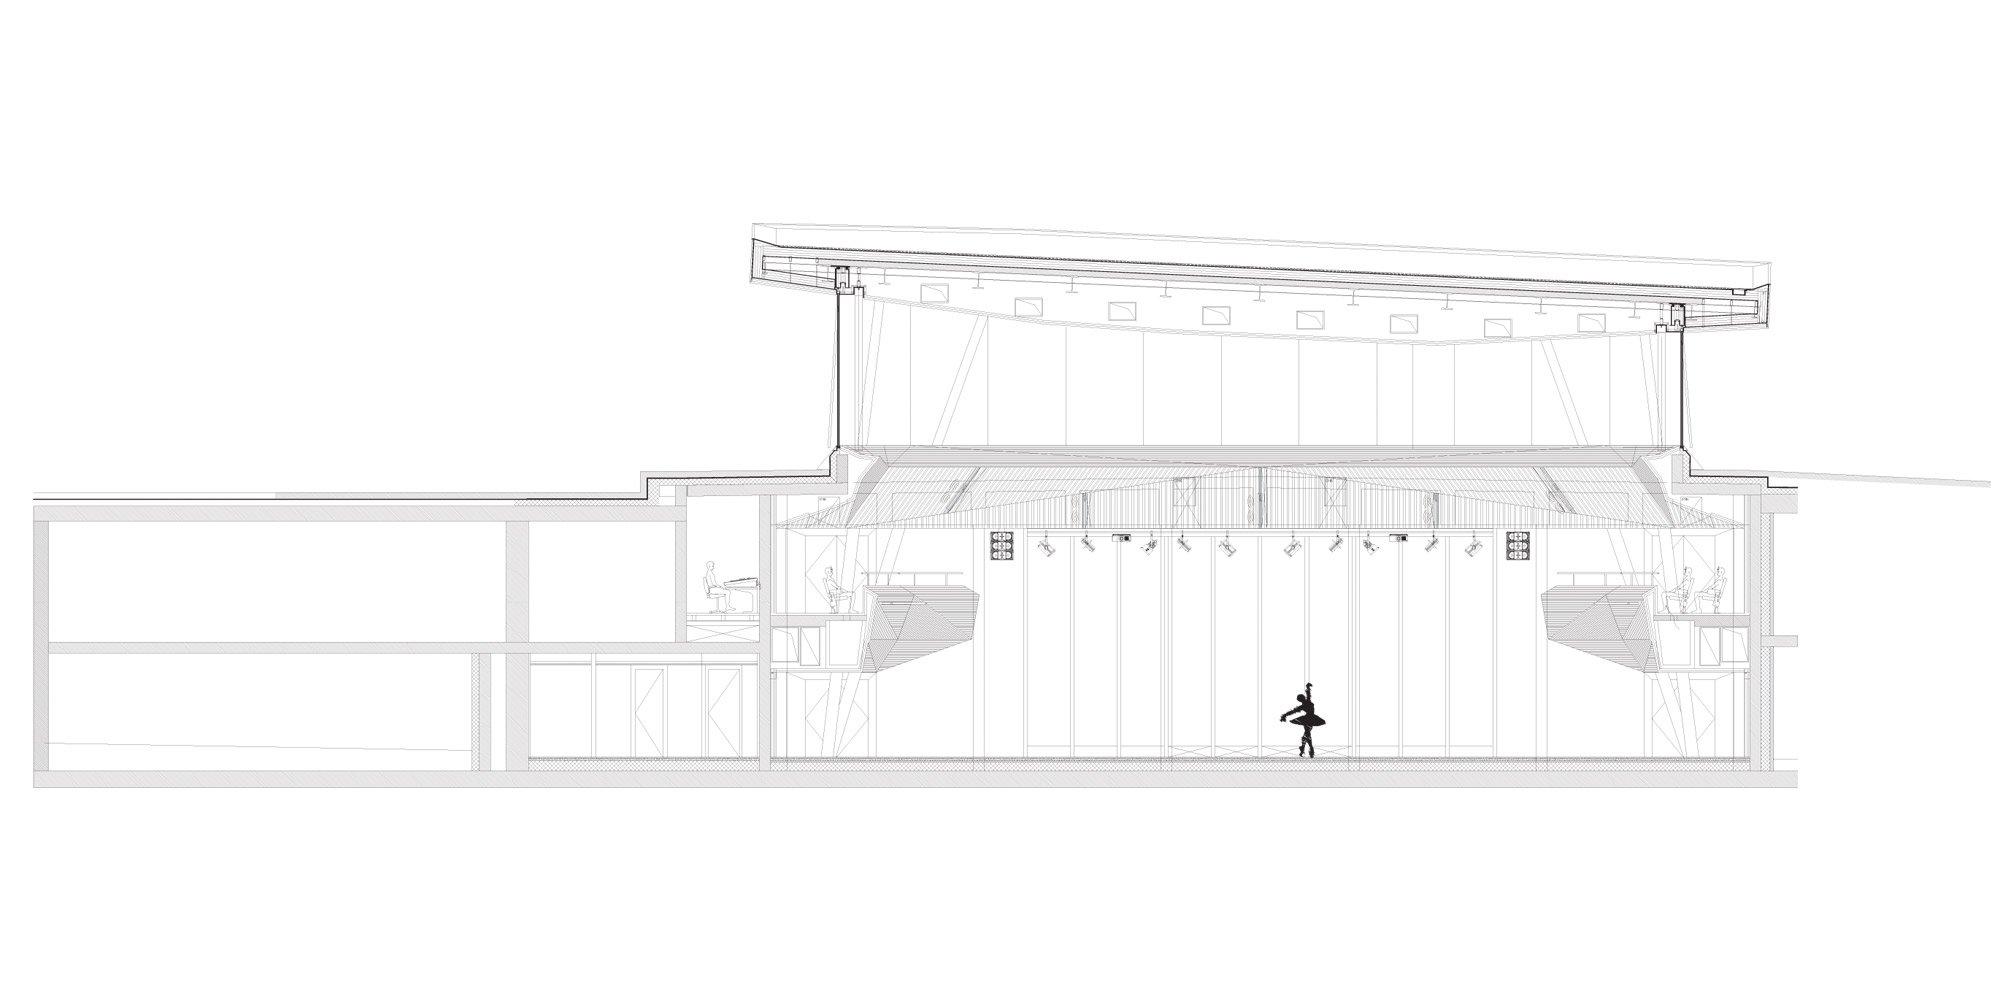 Sezione BB © Studio Seilern Architects